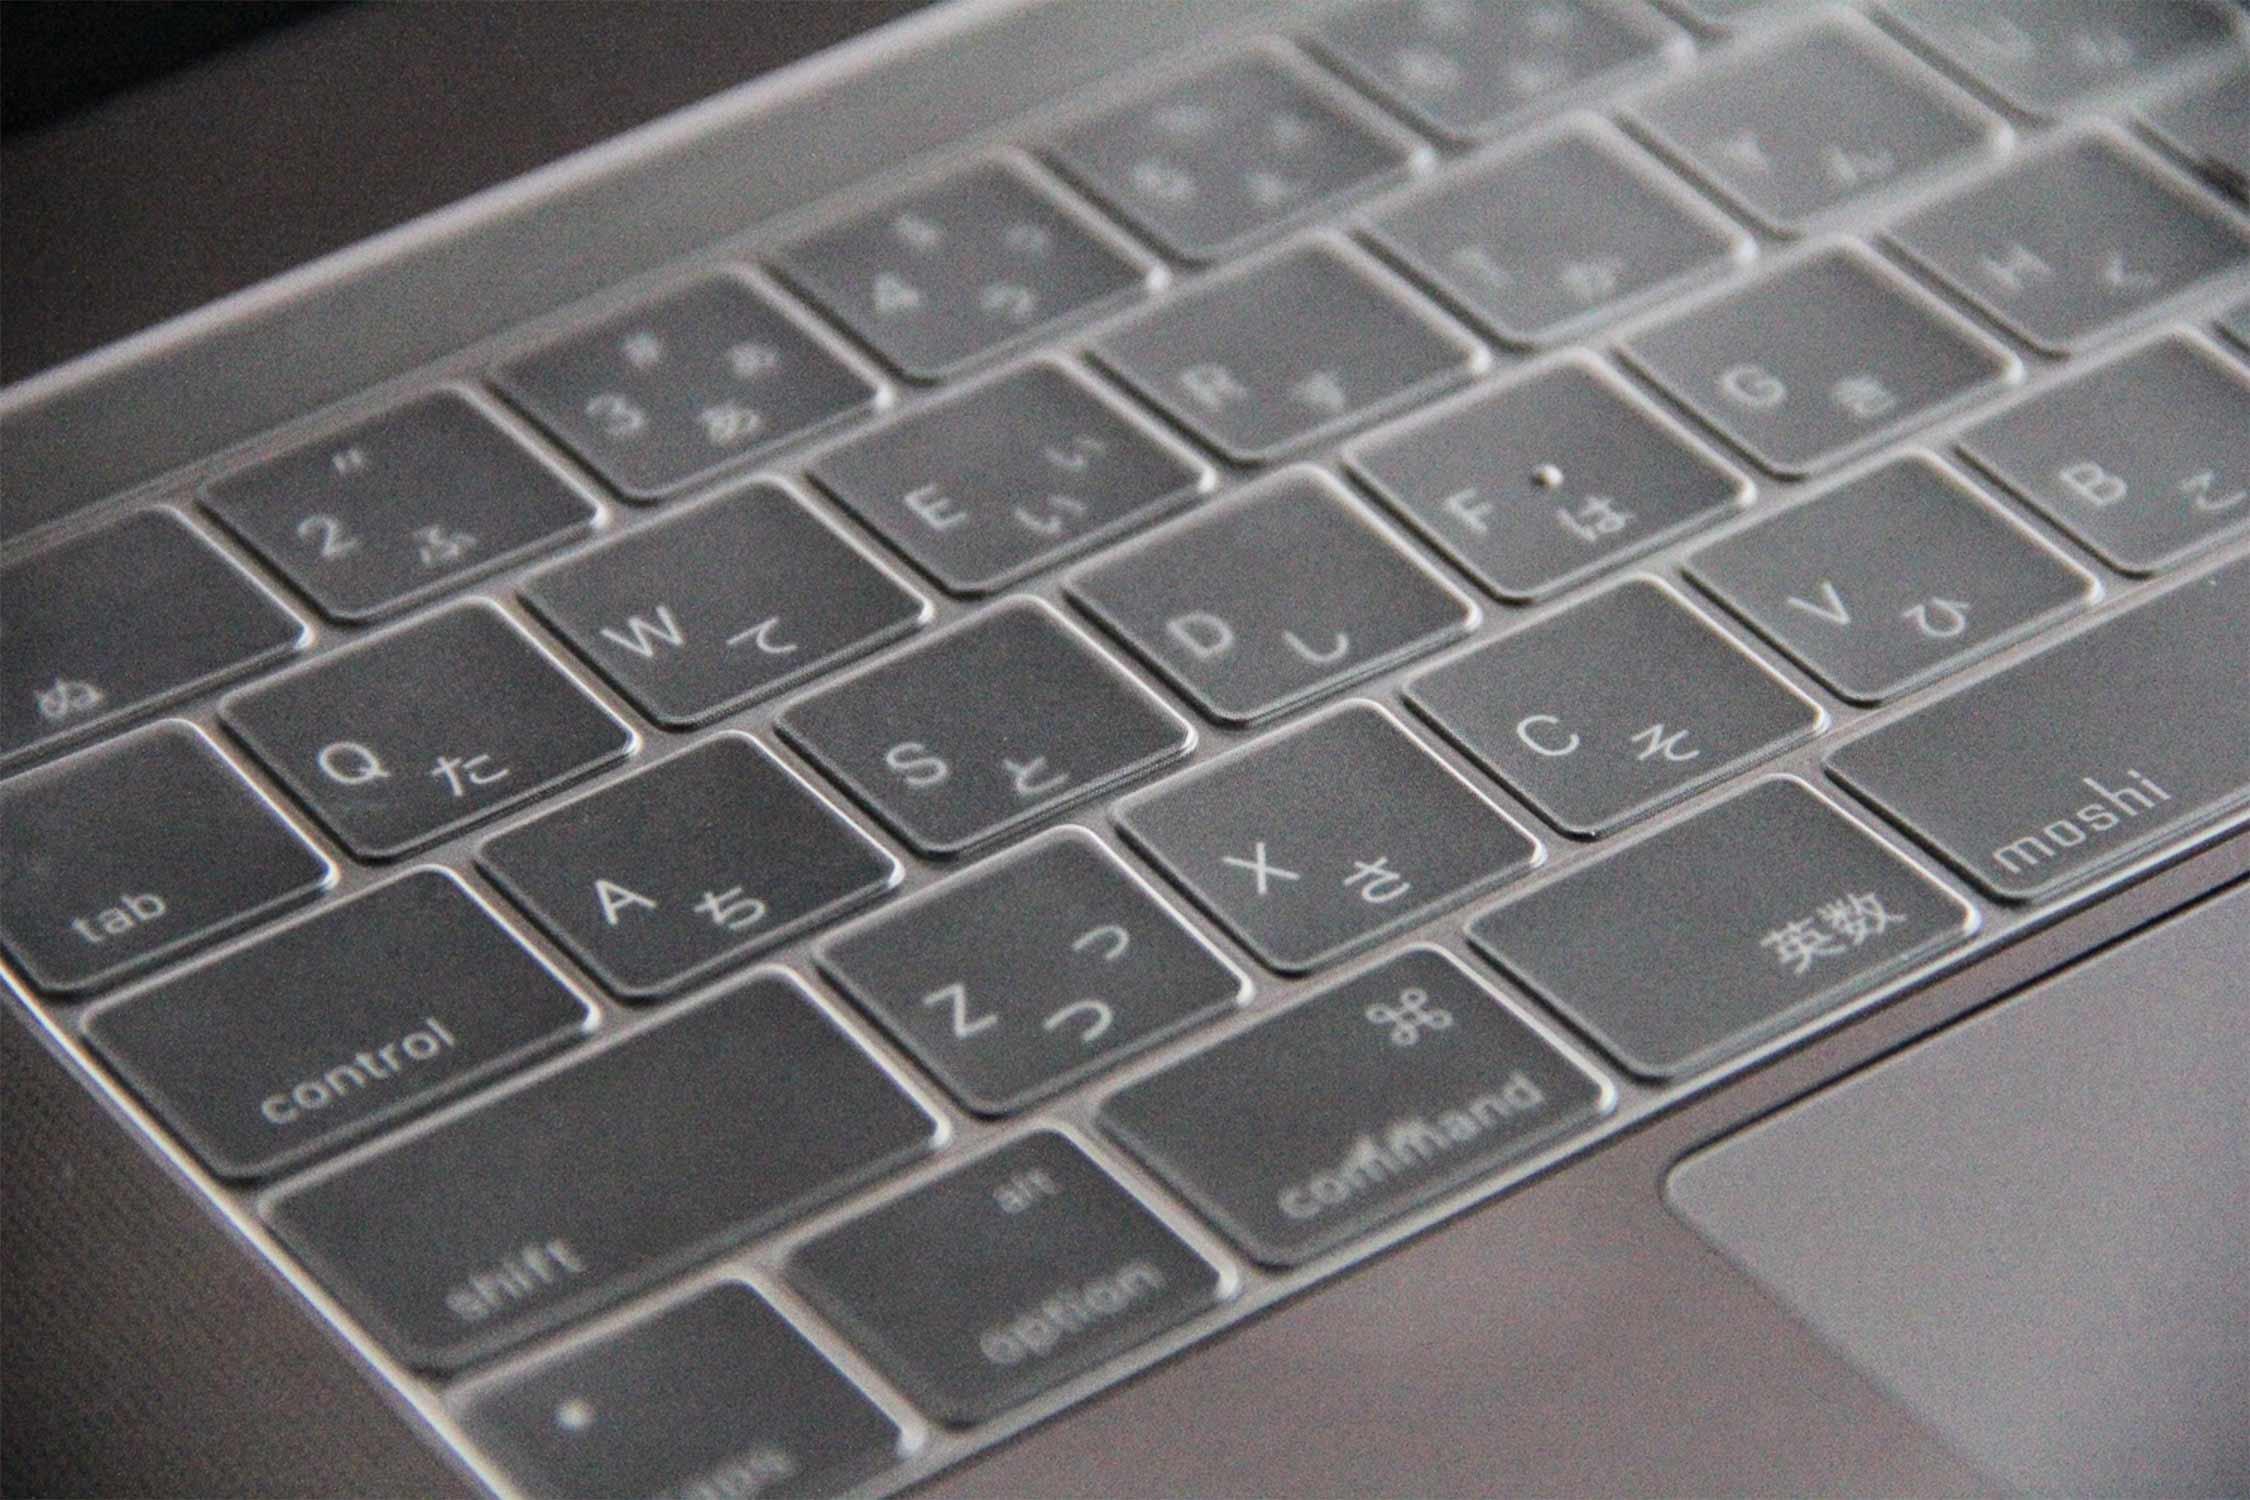 MacBook Pro キーボードカバー拡大 写真.jpg